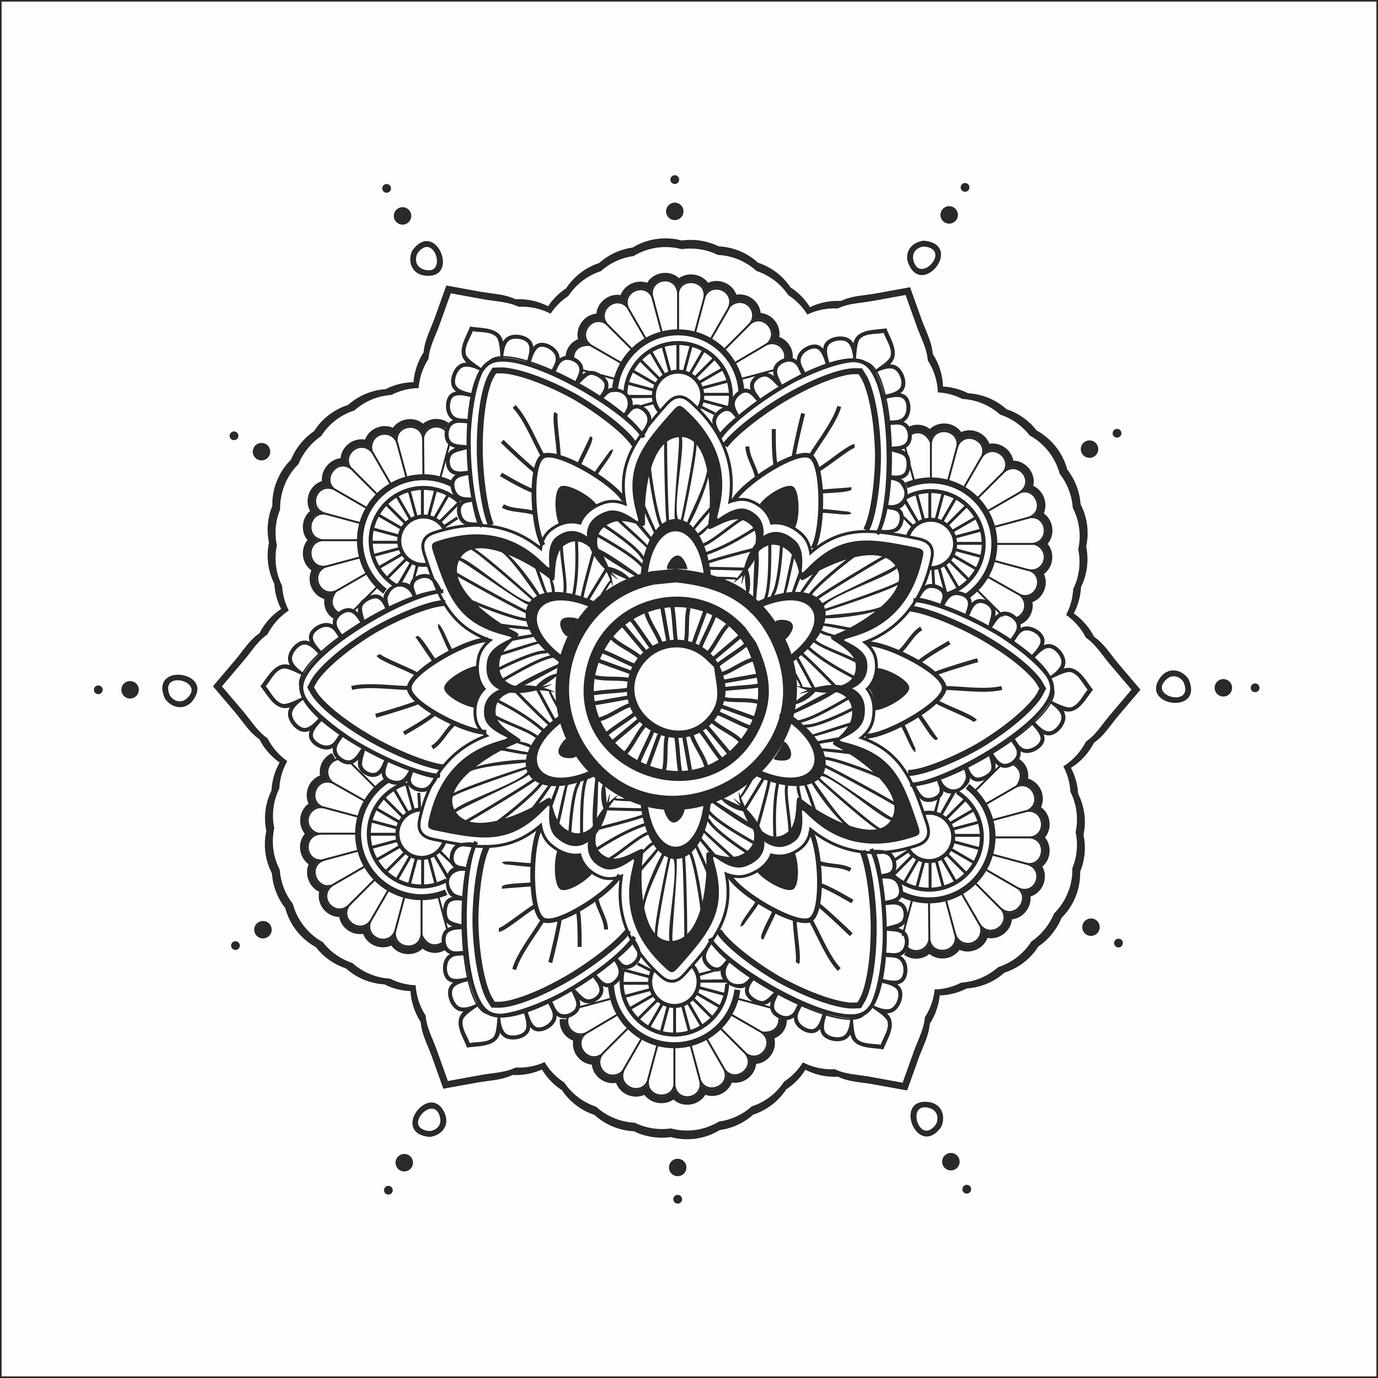 Coloriage Mandala Difficile En Ligne tout Coloriage En Ligne Difficile